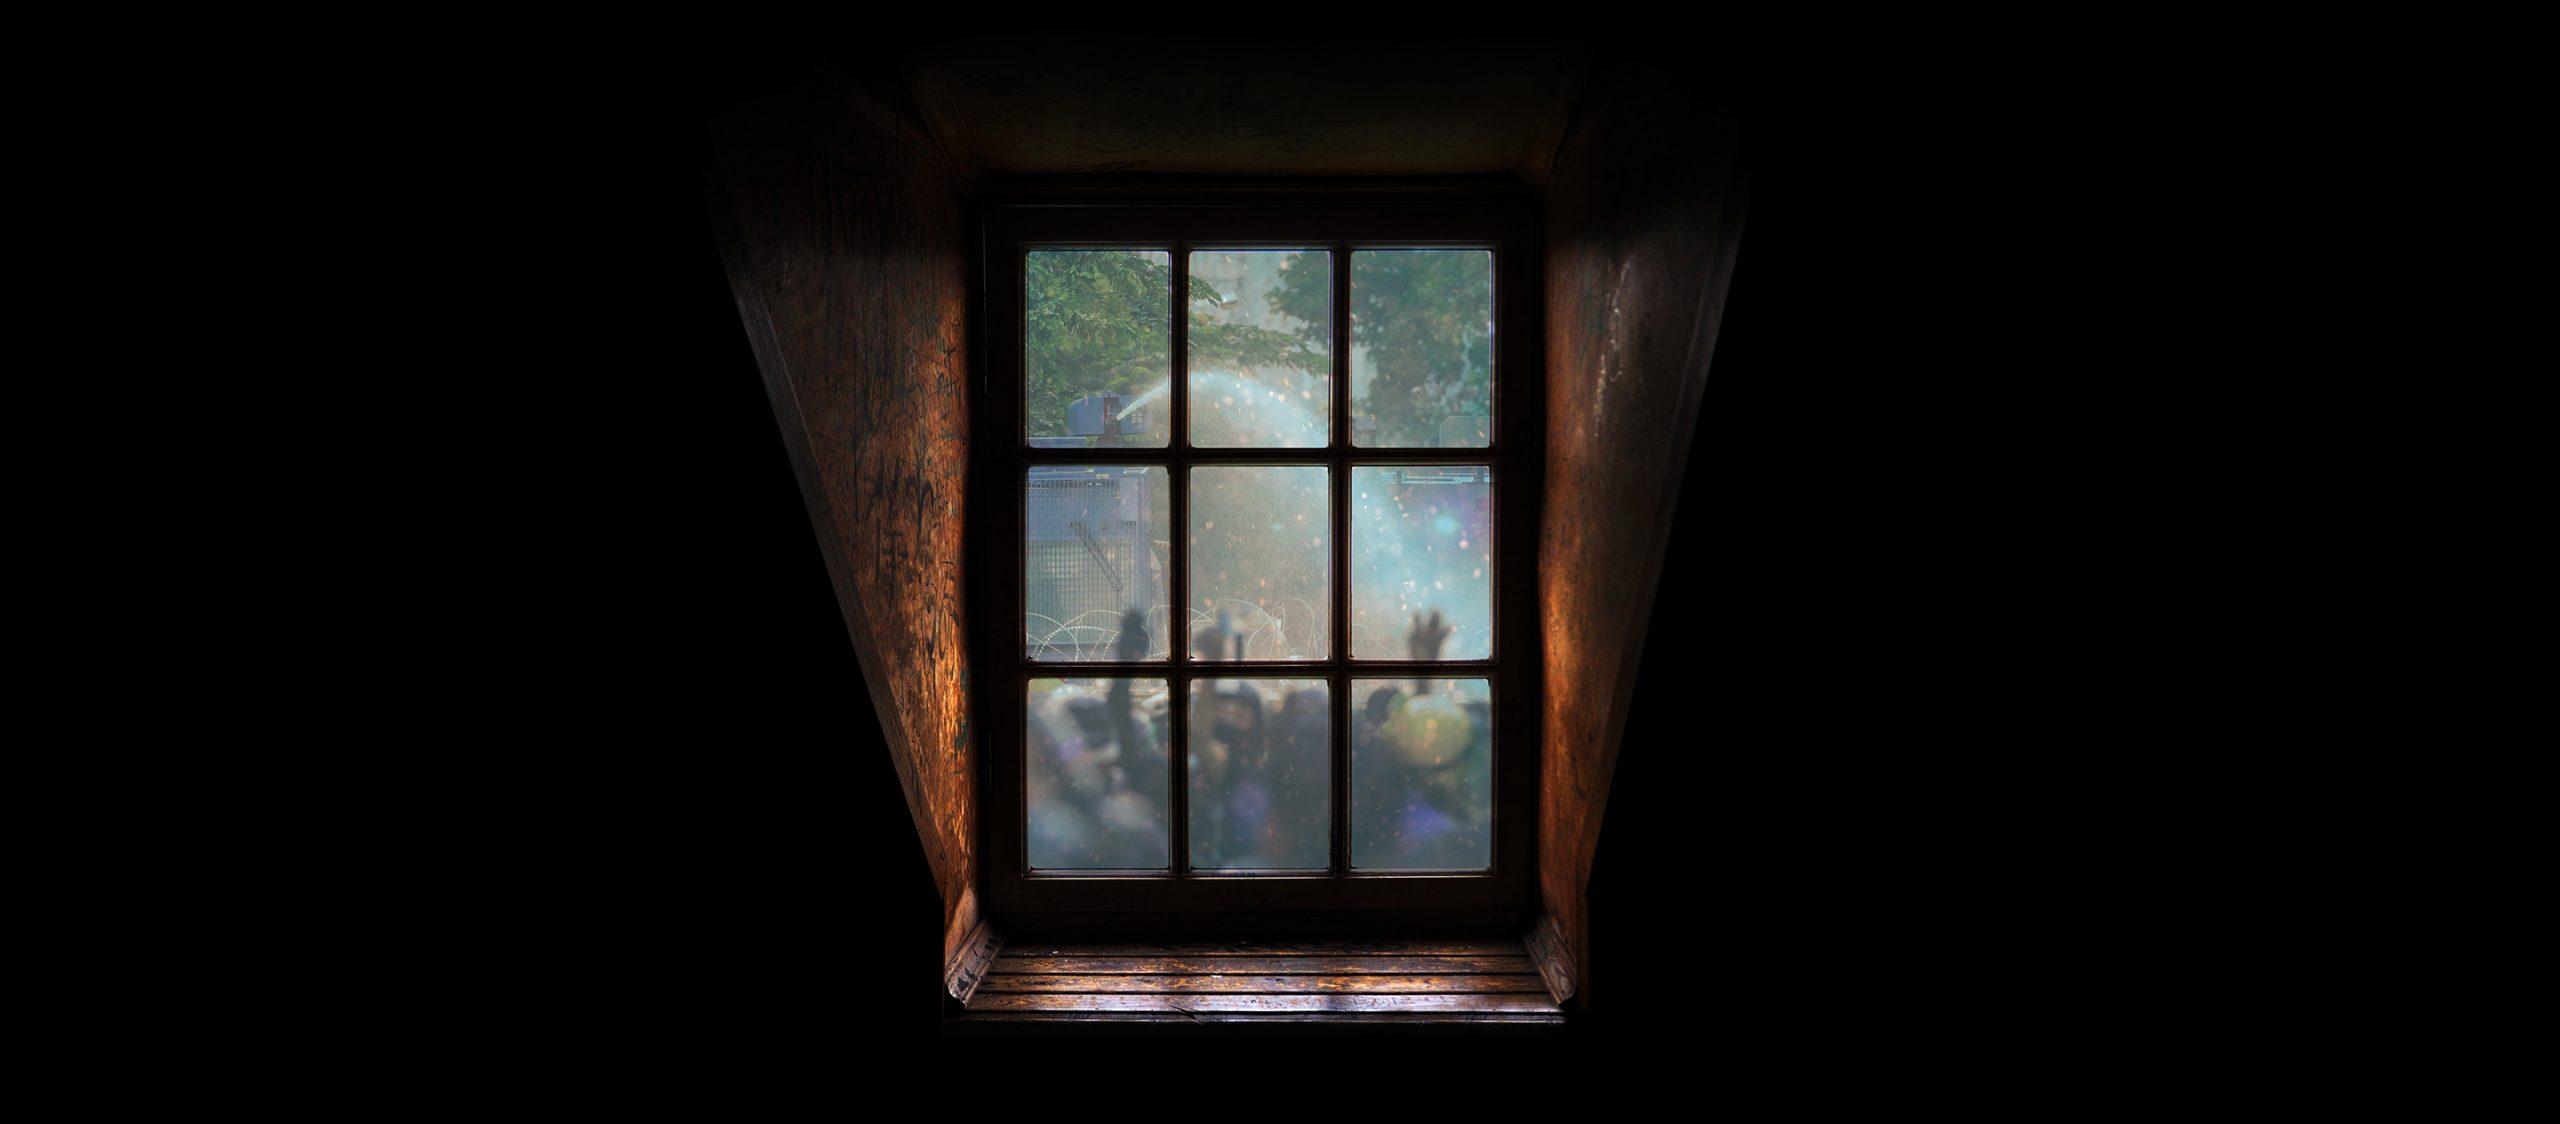 ยิ่งหน้าต่างถูกเปิดมากเท่าไร เรายิ่งรู้ร้อนรู้หนาวมากเท่านั้น   จิรเดช โอภาสพันธ์วงศ์